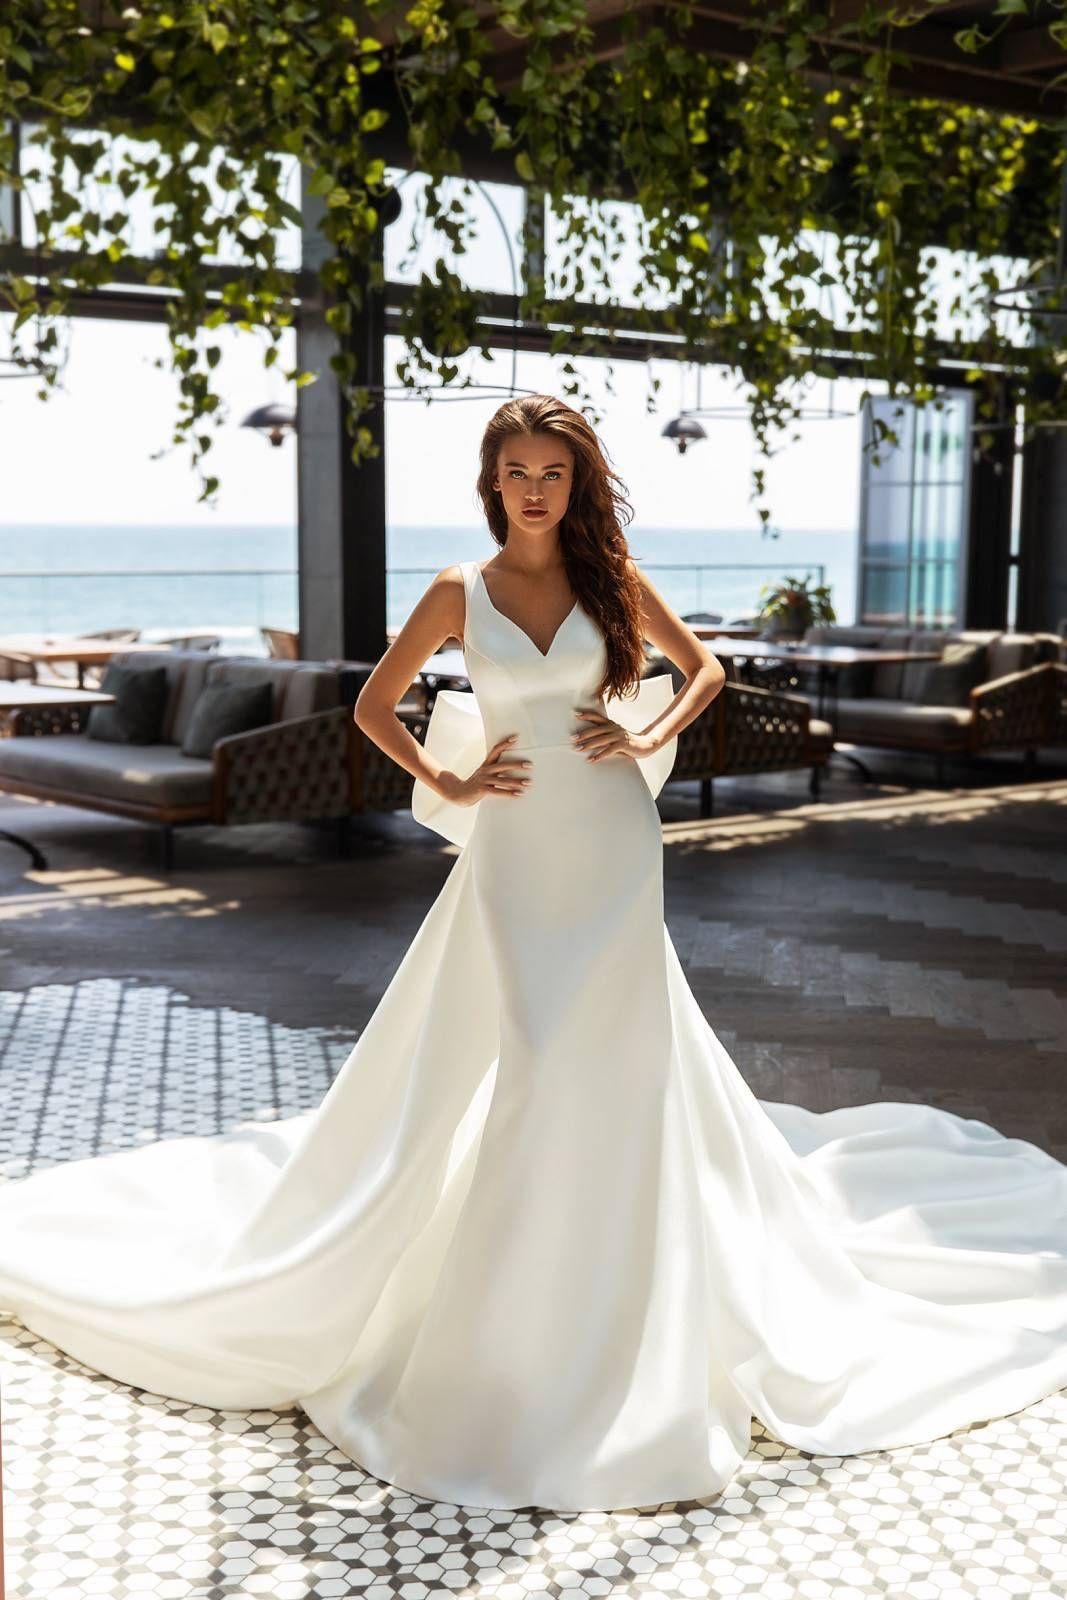 Wedding Dress In 2020 Wedding Dresses Dresses Wedding Boutique